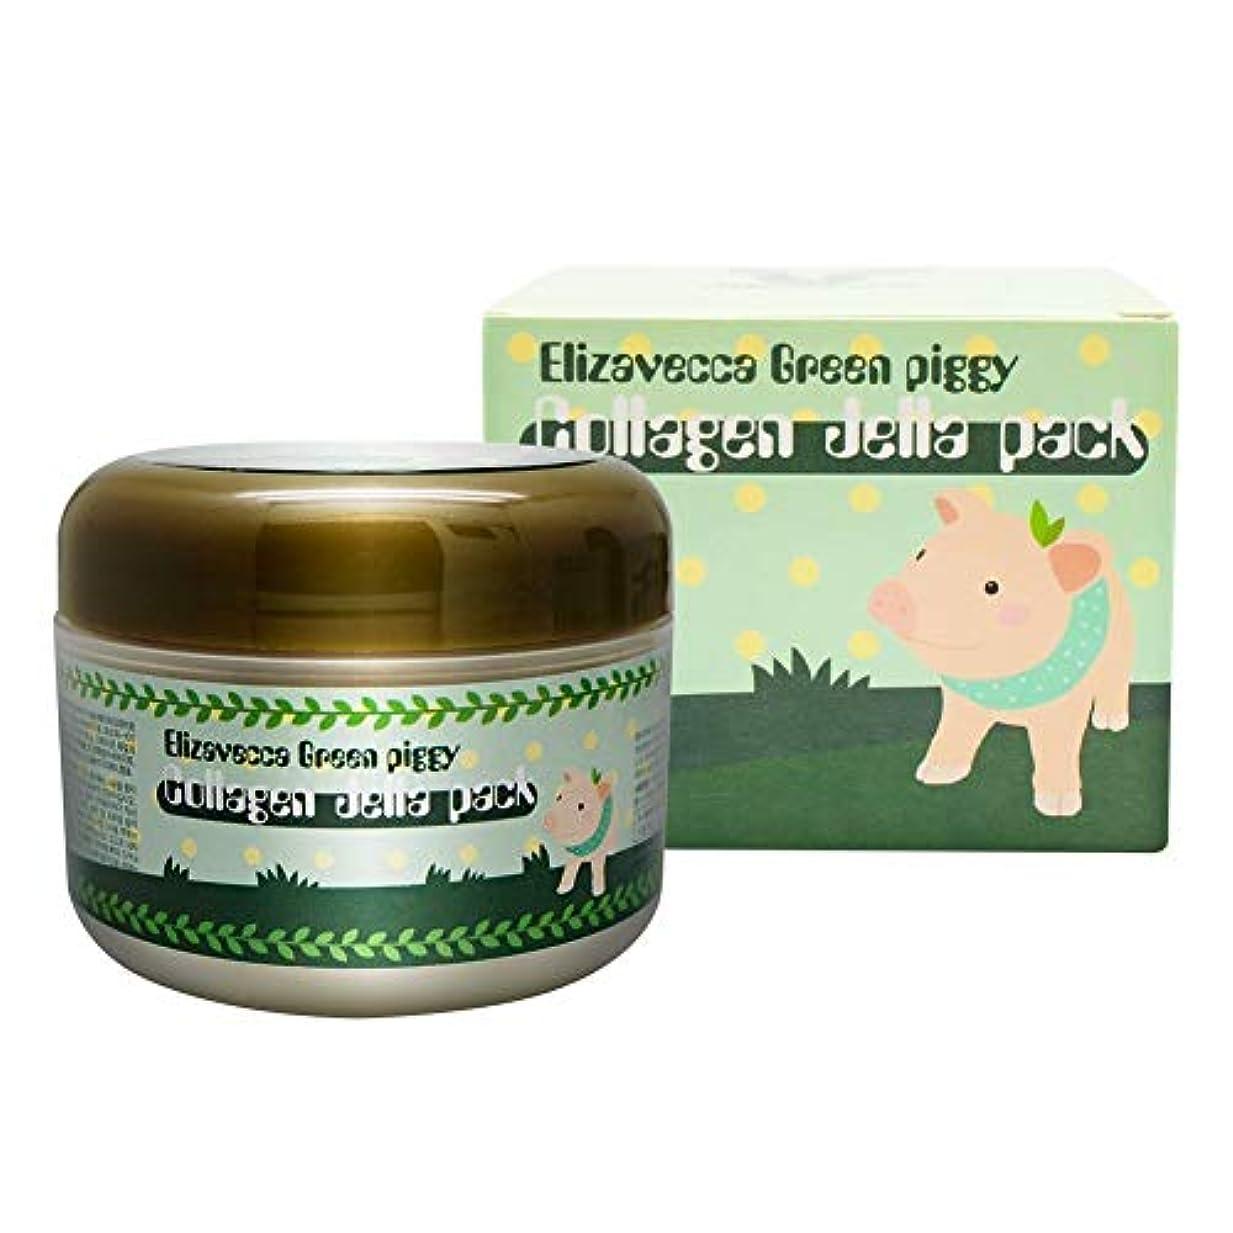 カロリーそう告白Elizavecca Green Piggy Collagen Jella Pack pig mask 100g